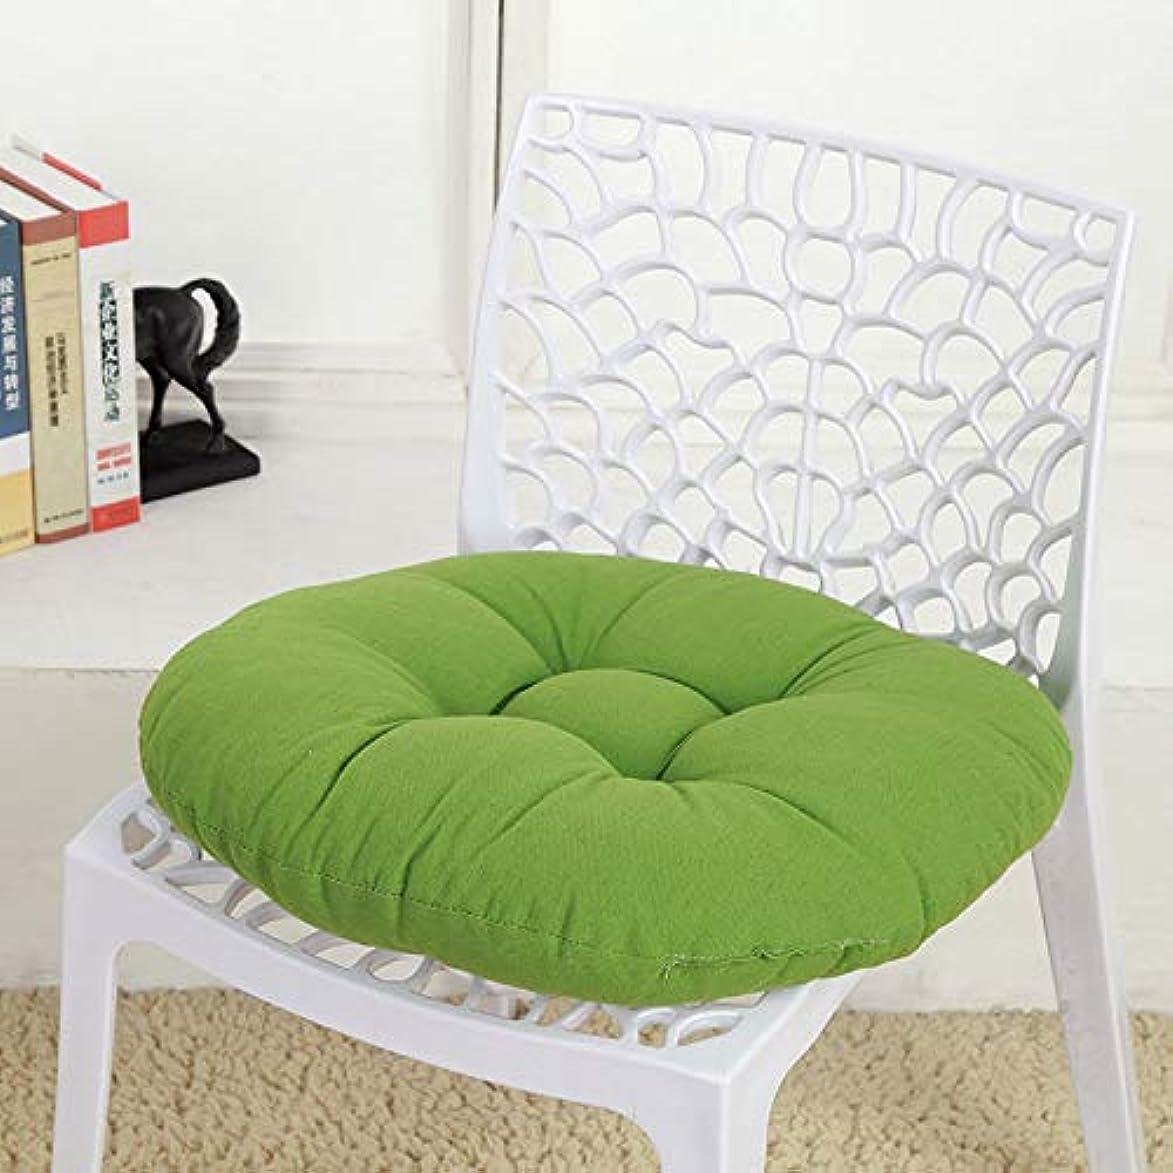 短命公式受動的LIFE キャンディカラーのクッションラウンドシートクッション波ウィンドウシートクッションクッション家の装飾パッドラウンド枕シート枕椅子座る枕 クッション 椅子